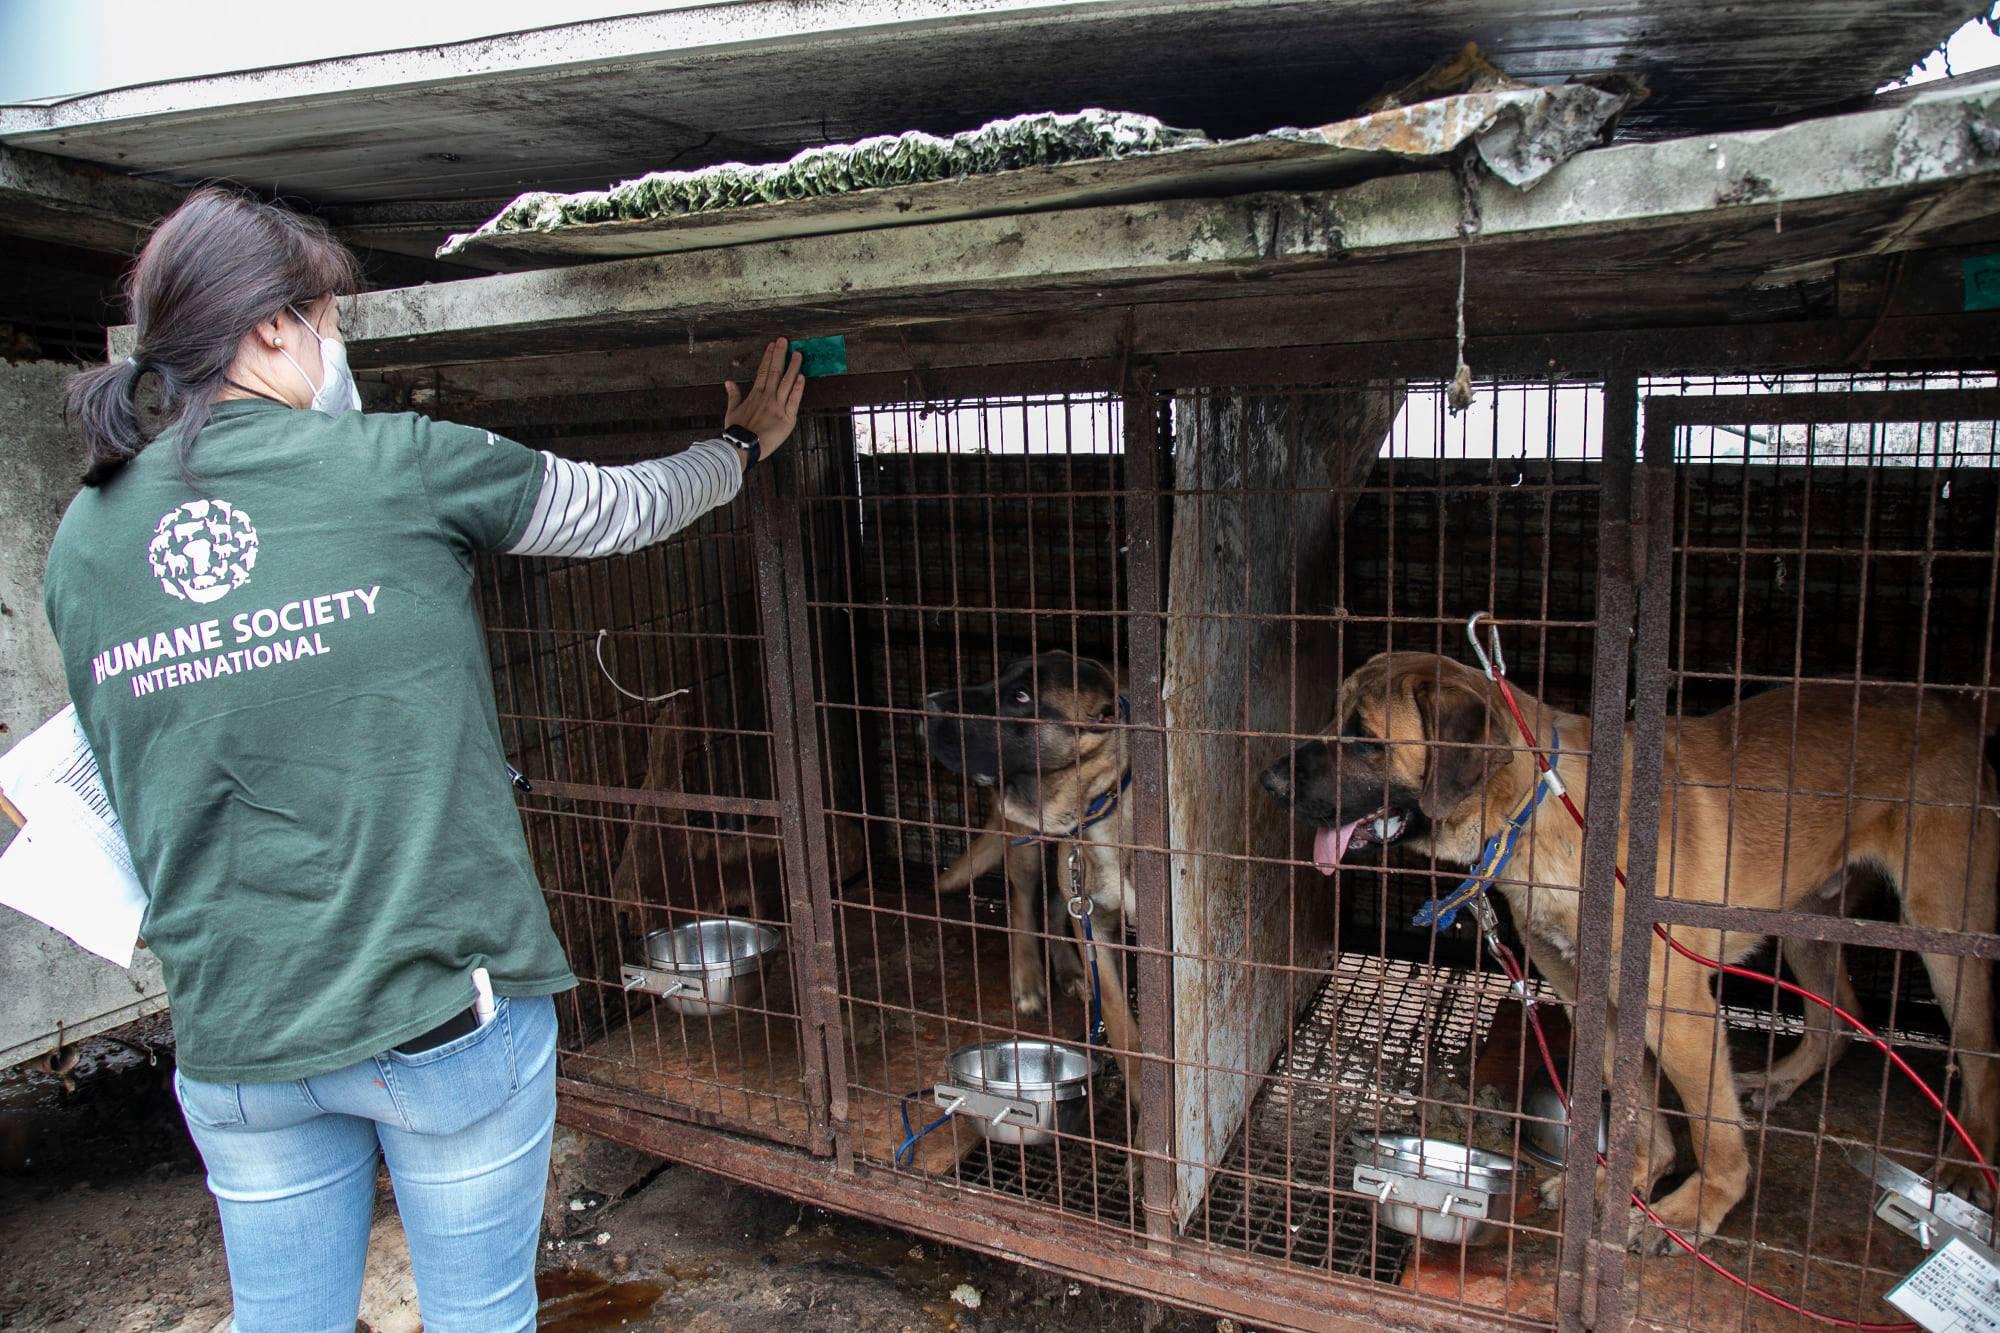 Những hình ảnh gây sốc trong hành trình giải cứu những chú chó khỏi lò mổ - Ảnh 5.